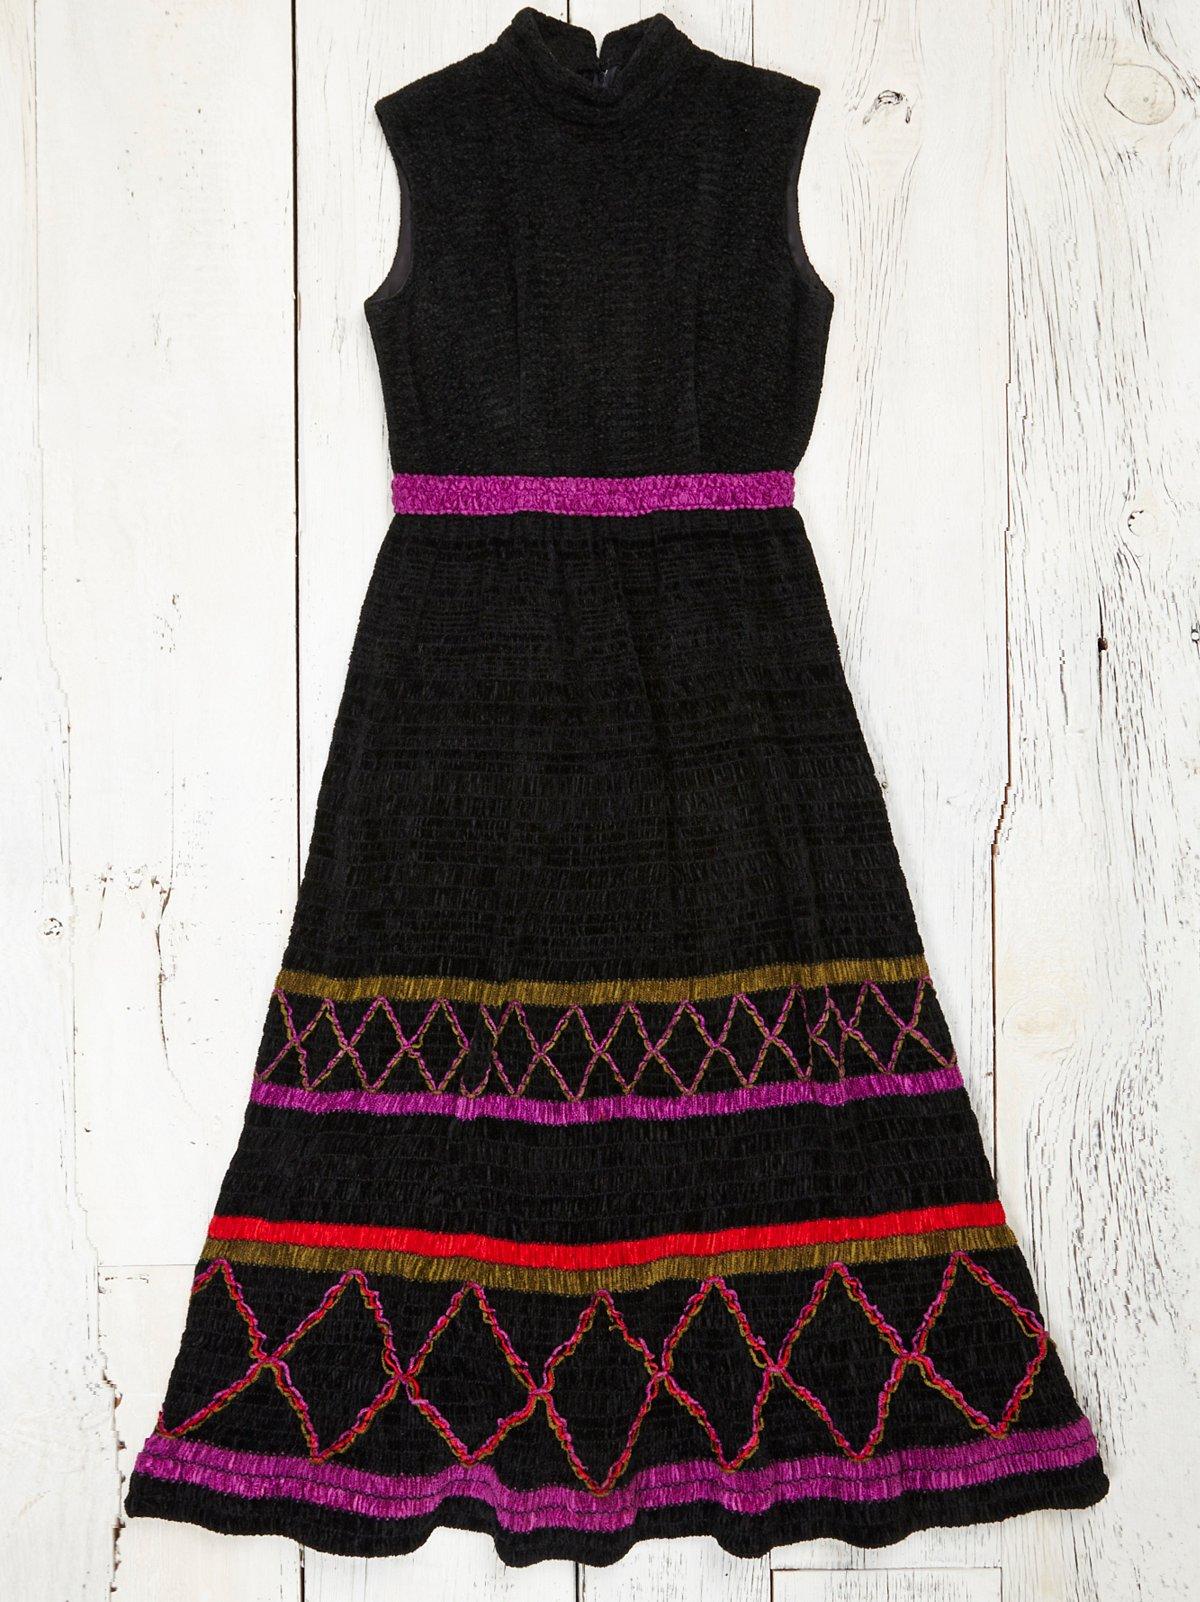 Vintage 1970s Chenille Dress